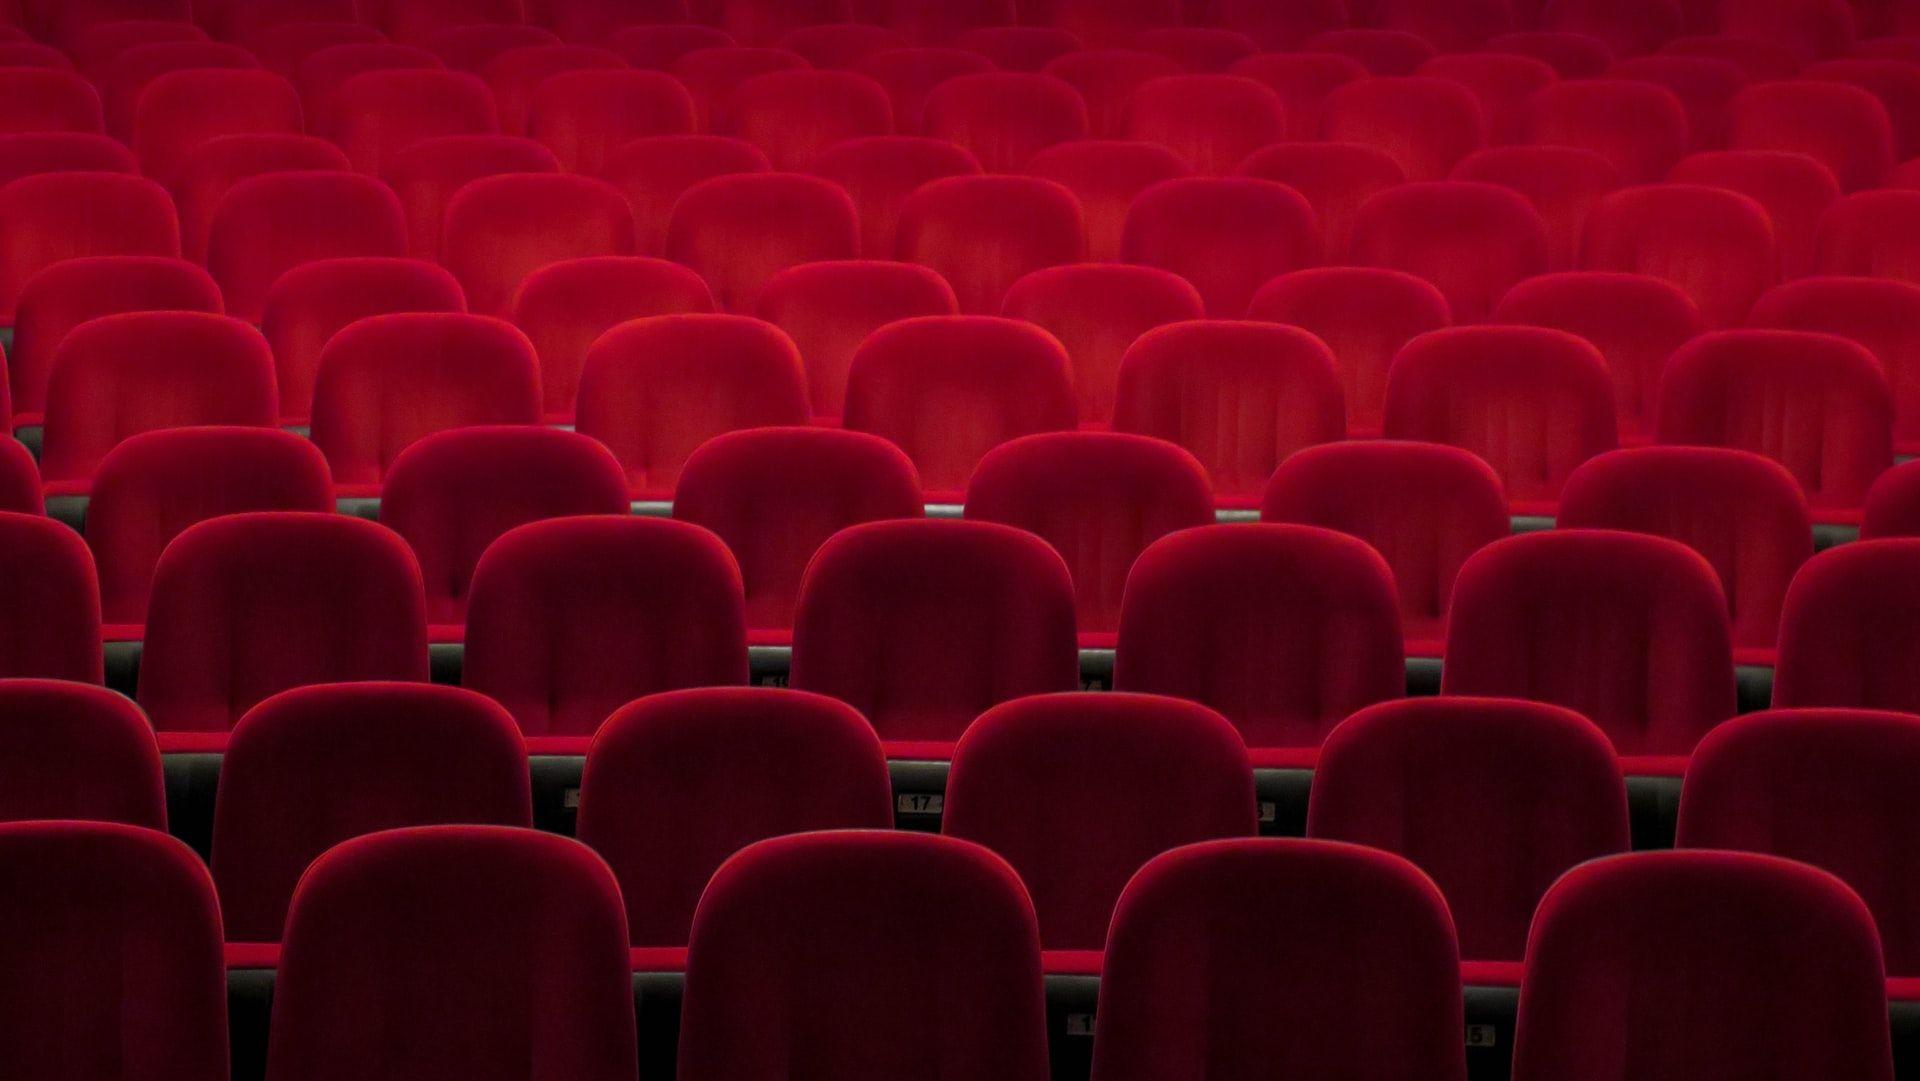 4 Bioskop di Jakarta Buka Lagi, Ini Deretan Film yang Akan Ditayangkan